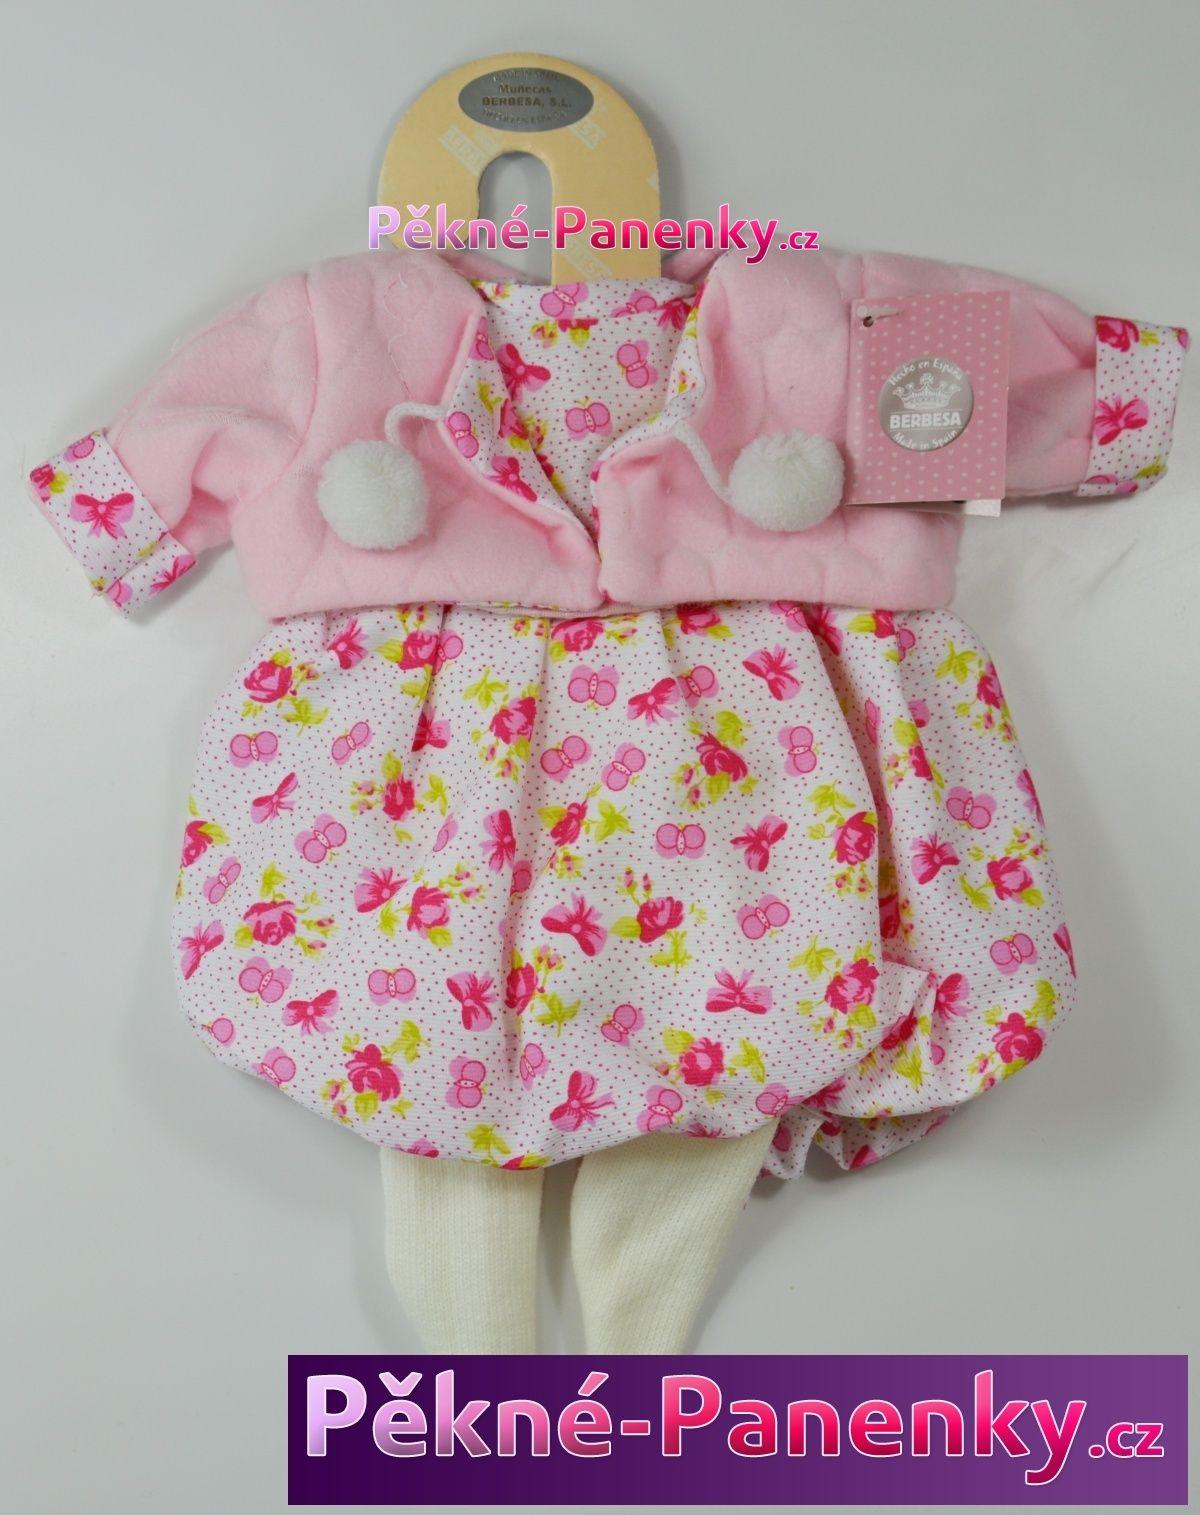 Berbesa levné oblečky, kvalitní oblečení pro panenky, háčkované šatičky pro panenku, plete